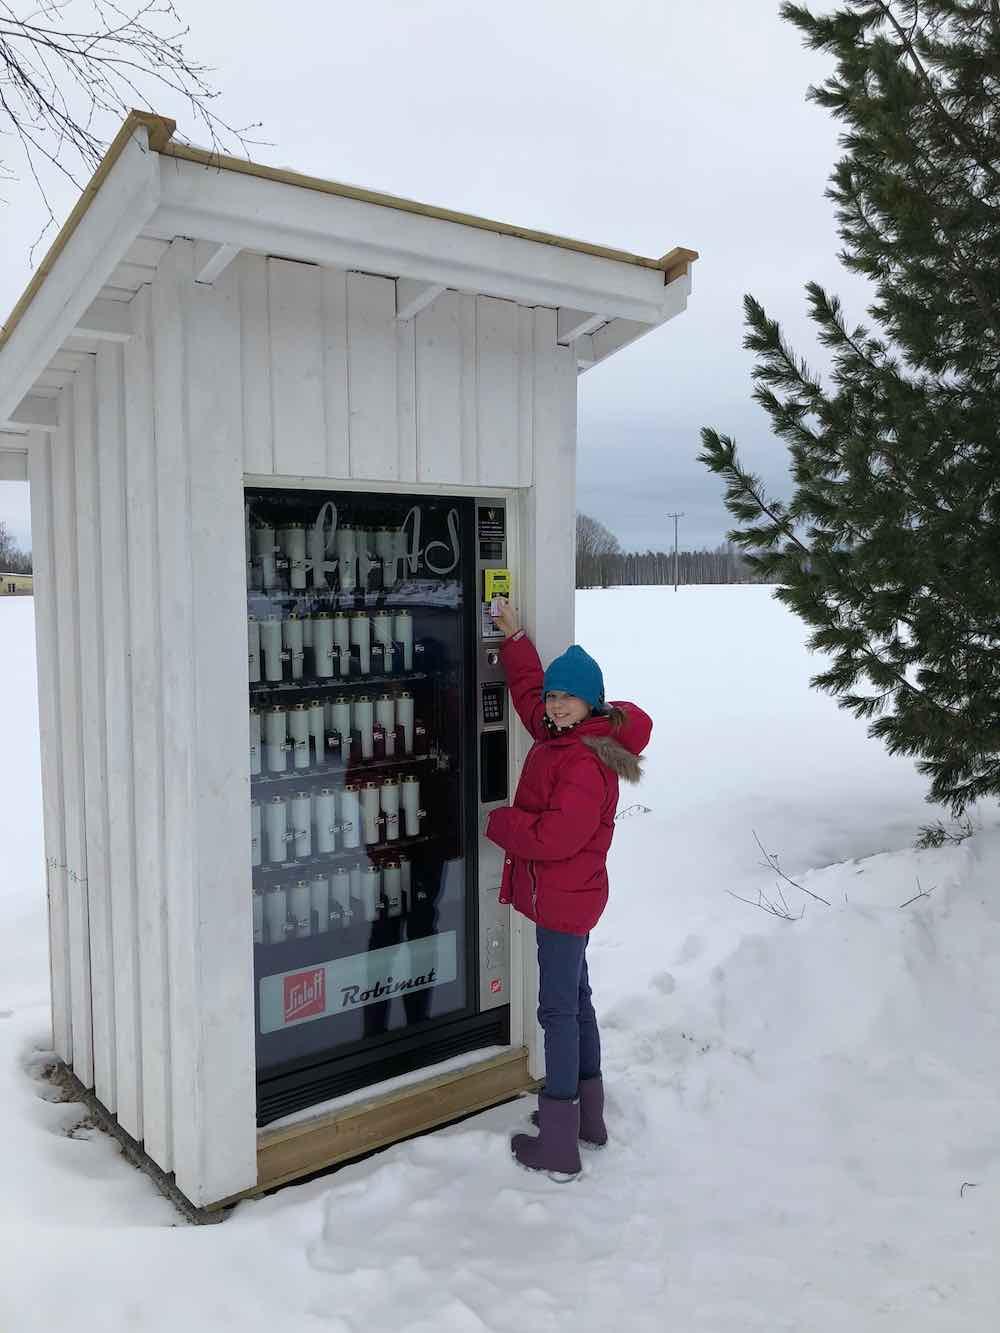 Betalingsterminalen Nayax kan brukes til å selge mange slags varer og tjenester. Her er den påmontert en vareautomat som selger gravlys. Foto.